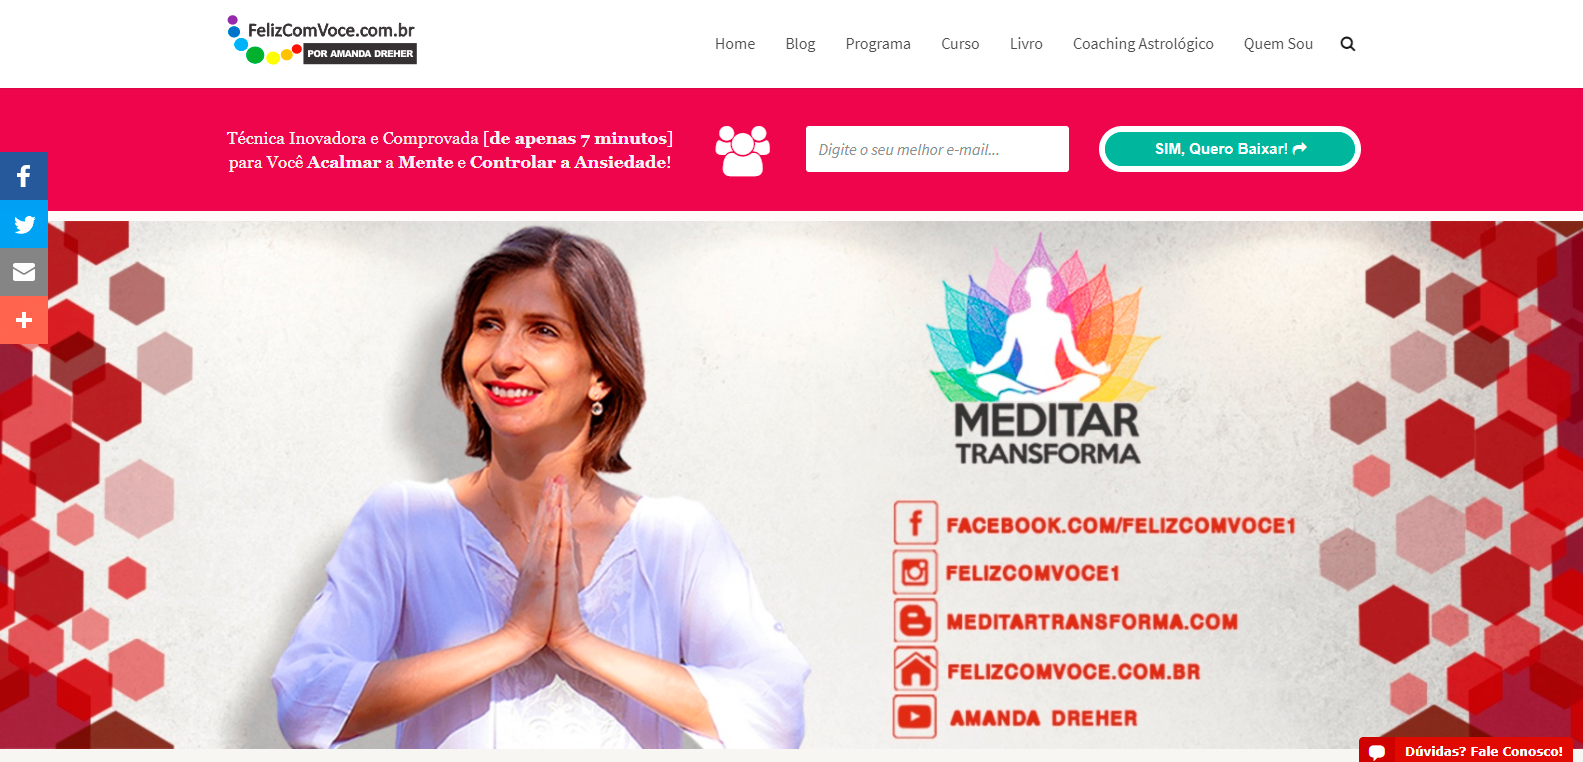 feliz-com-voce-meditacao-calma-app-site